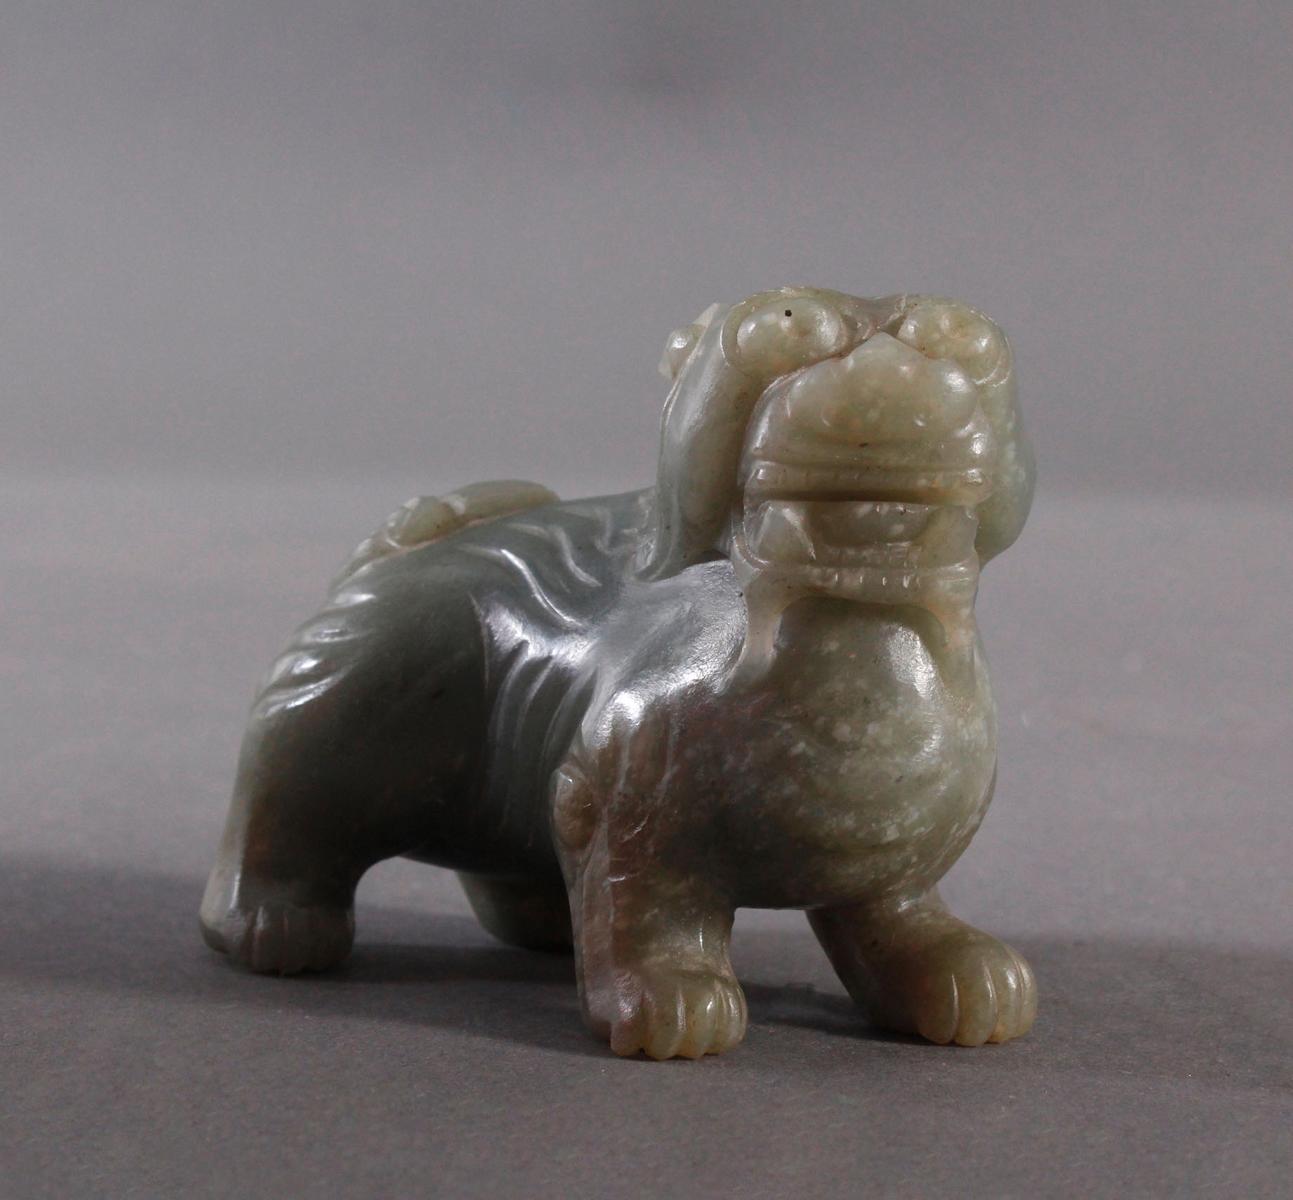 Foo-Hund aus dunkler Jade, China 19. Jh.